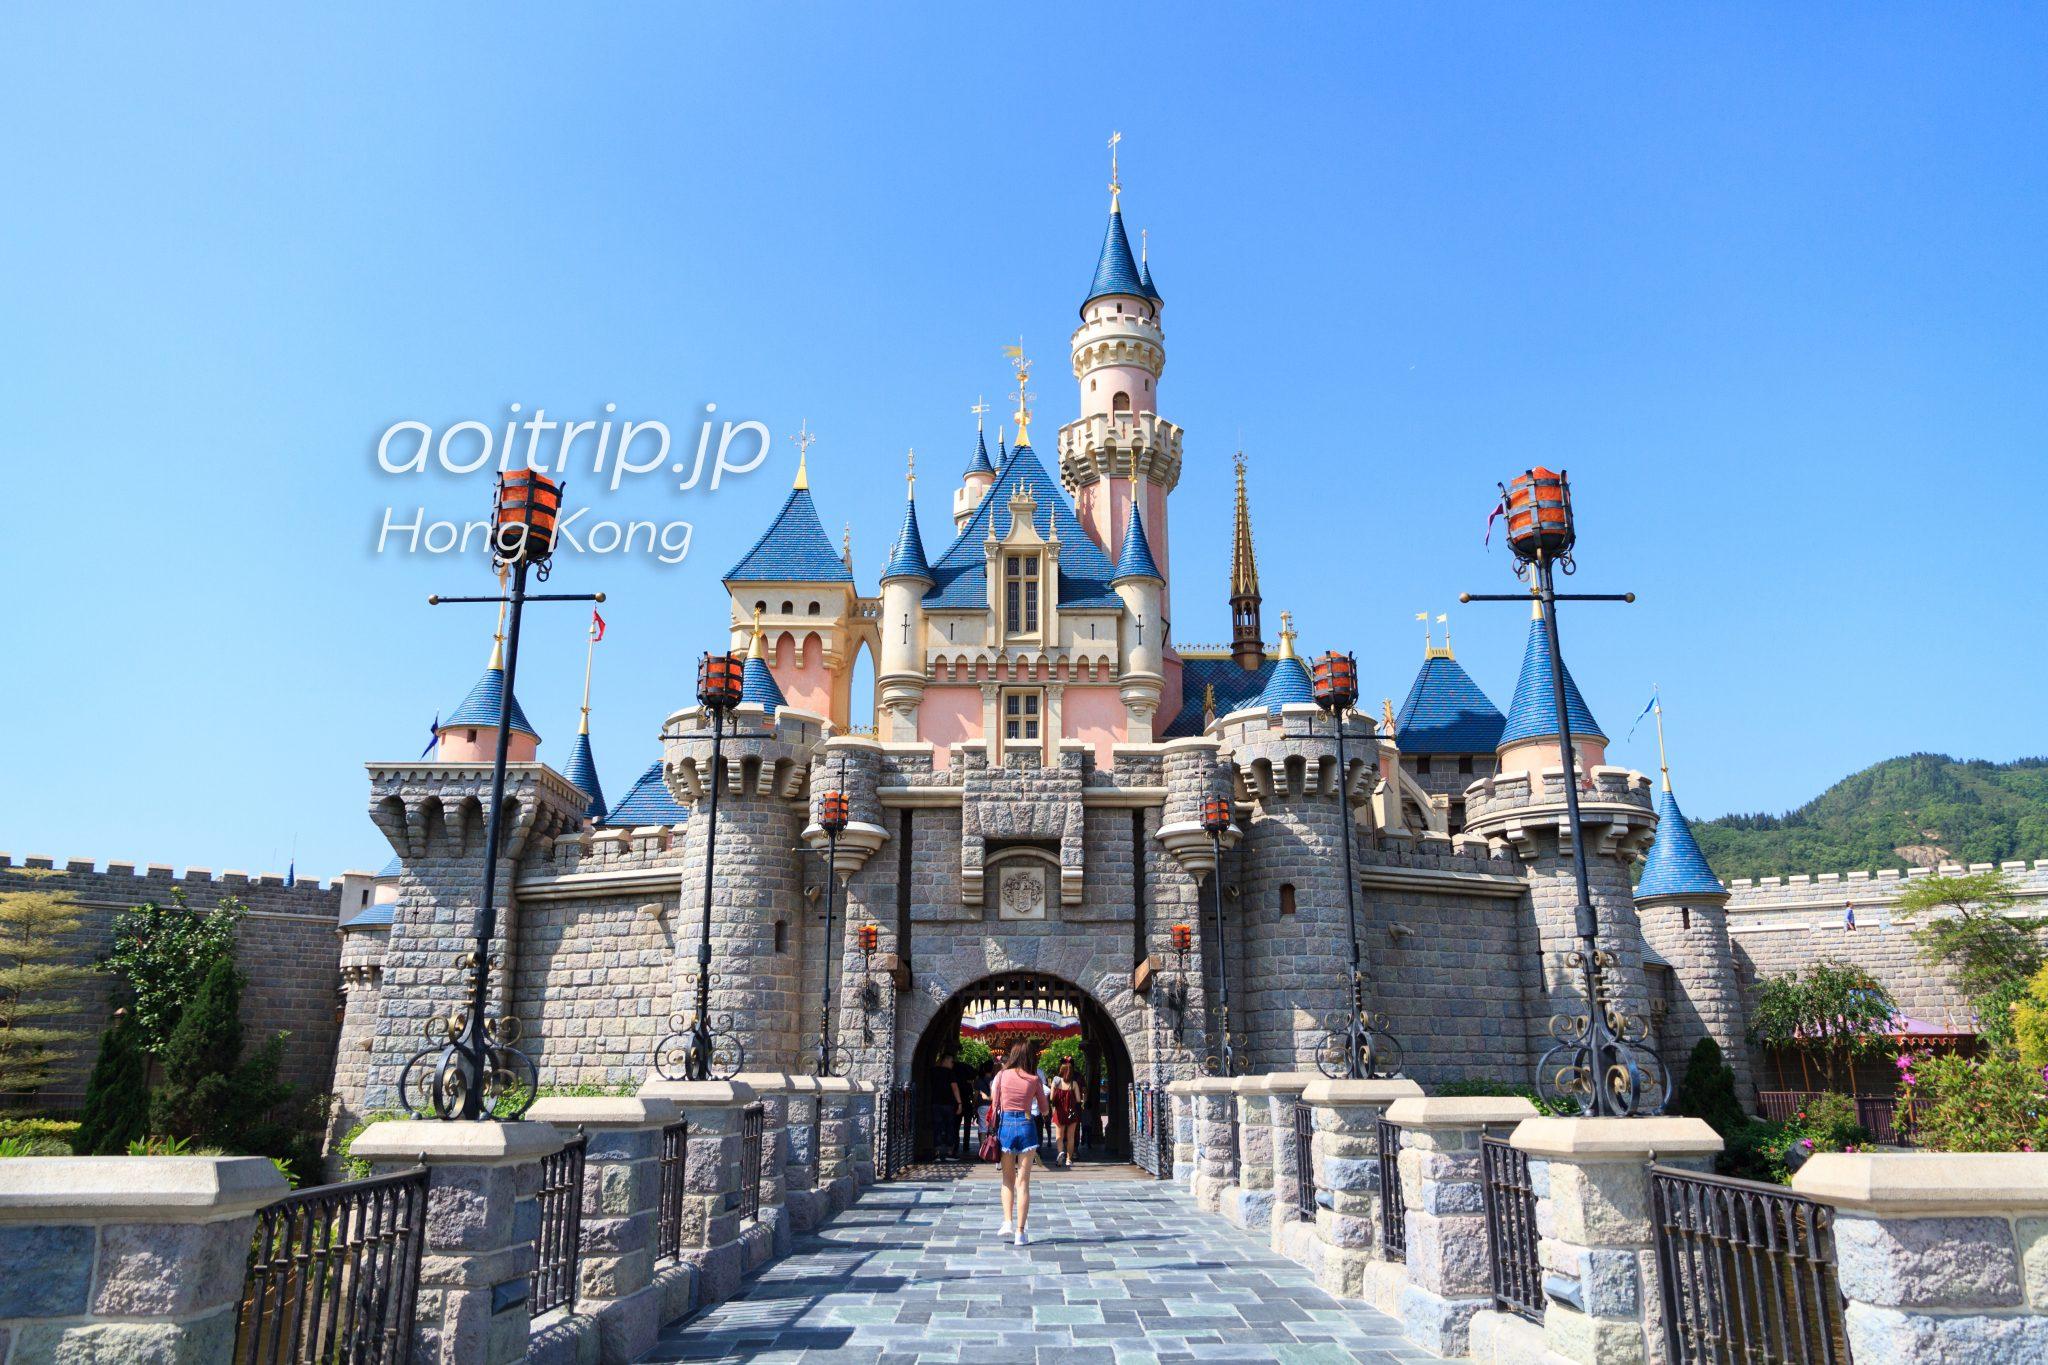 香港ディズニーランド 眠れる森の美女のお城